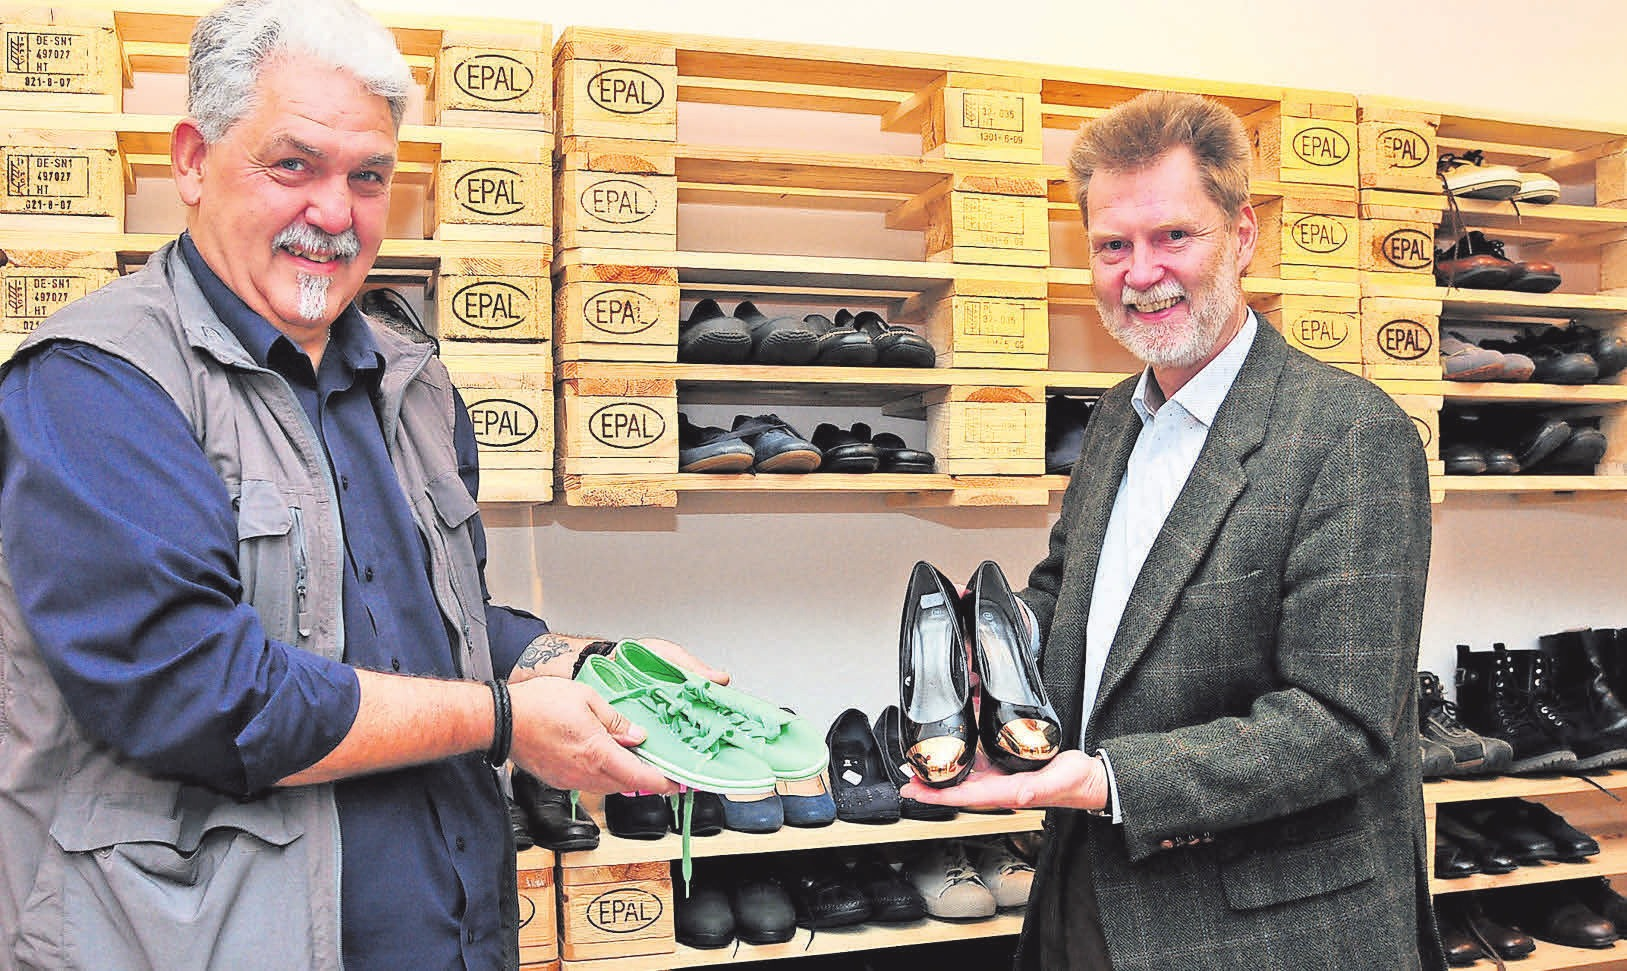 Ladenleiter Reiner Wesemann (links) und Leine-VHS-Geschäftsführer Jürgen Beckstette freuen sich auf die Eröffnung des Geschäfts.